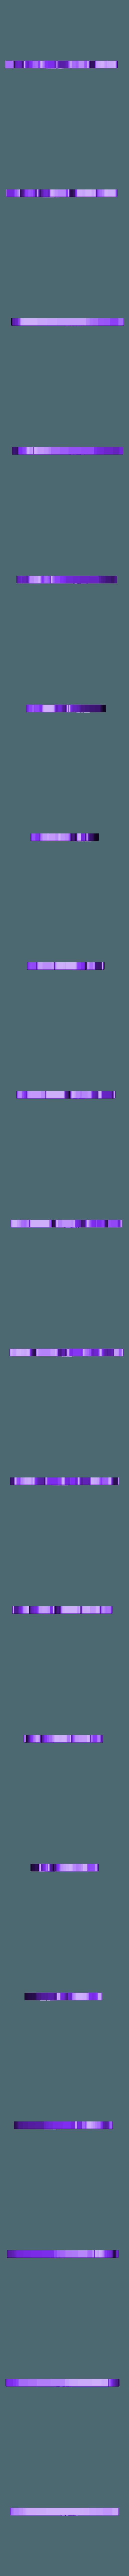 knuckles.stl Télécharger fichier STL gratuit Bague de jonction • Modèle pour imprimante 3D, swivaller